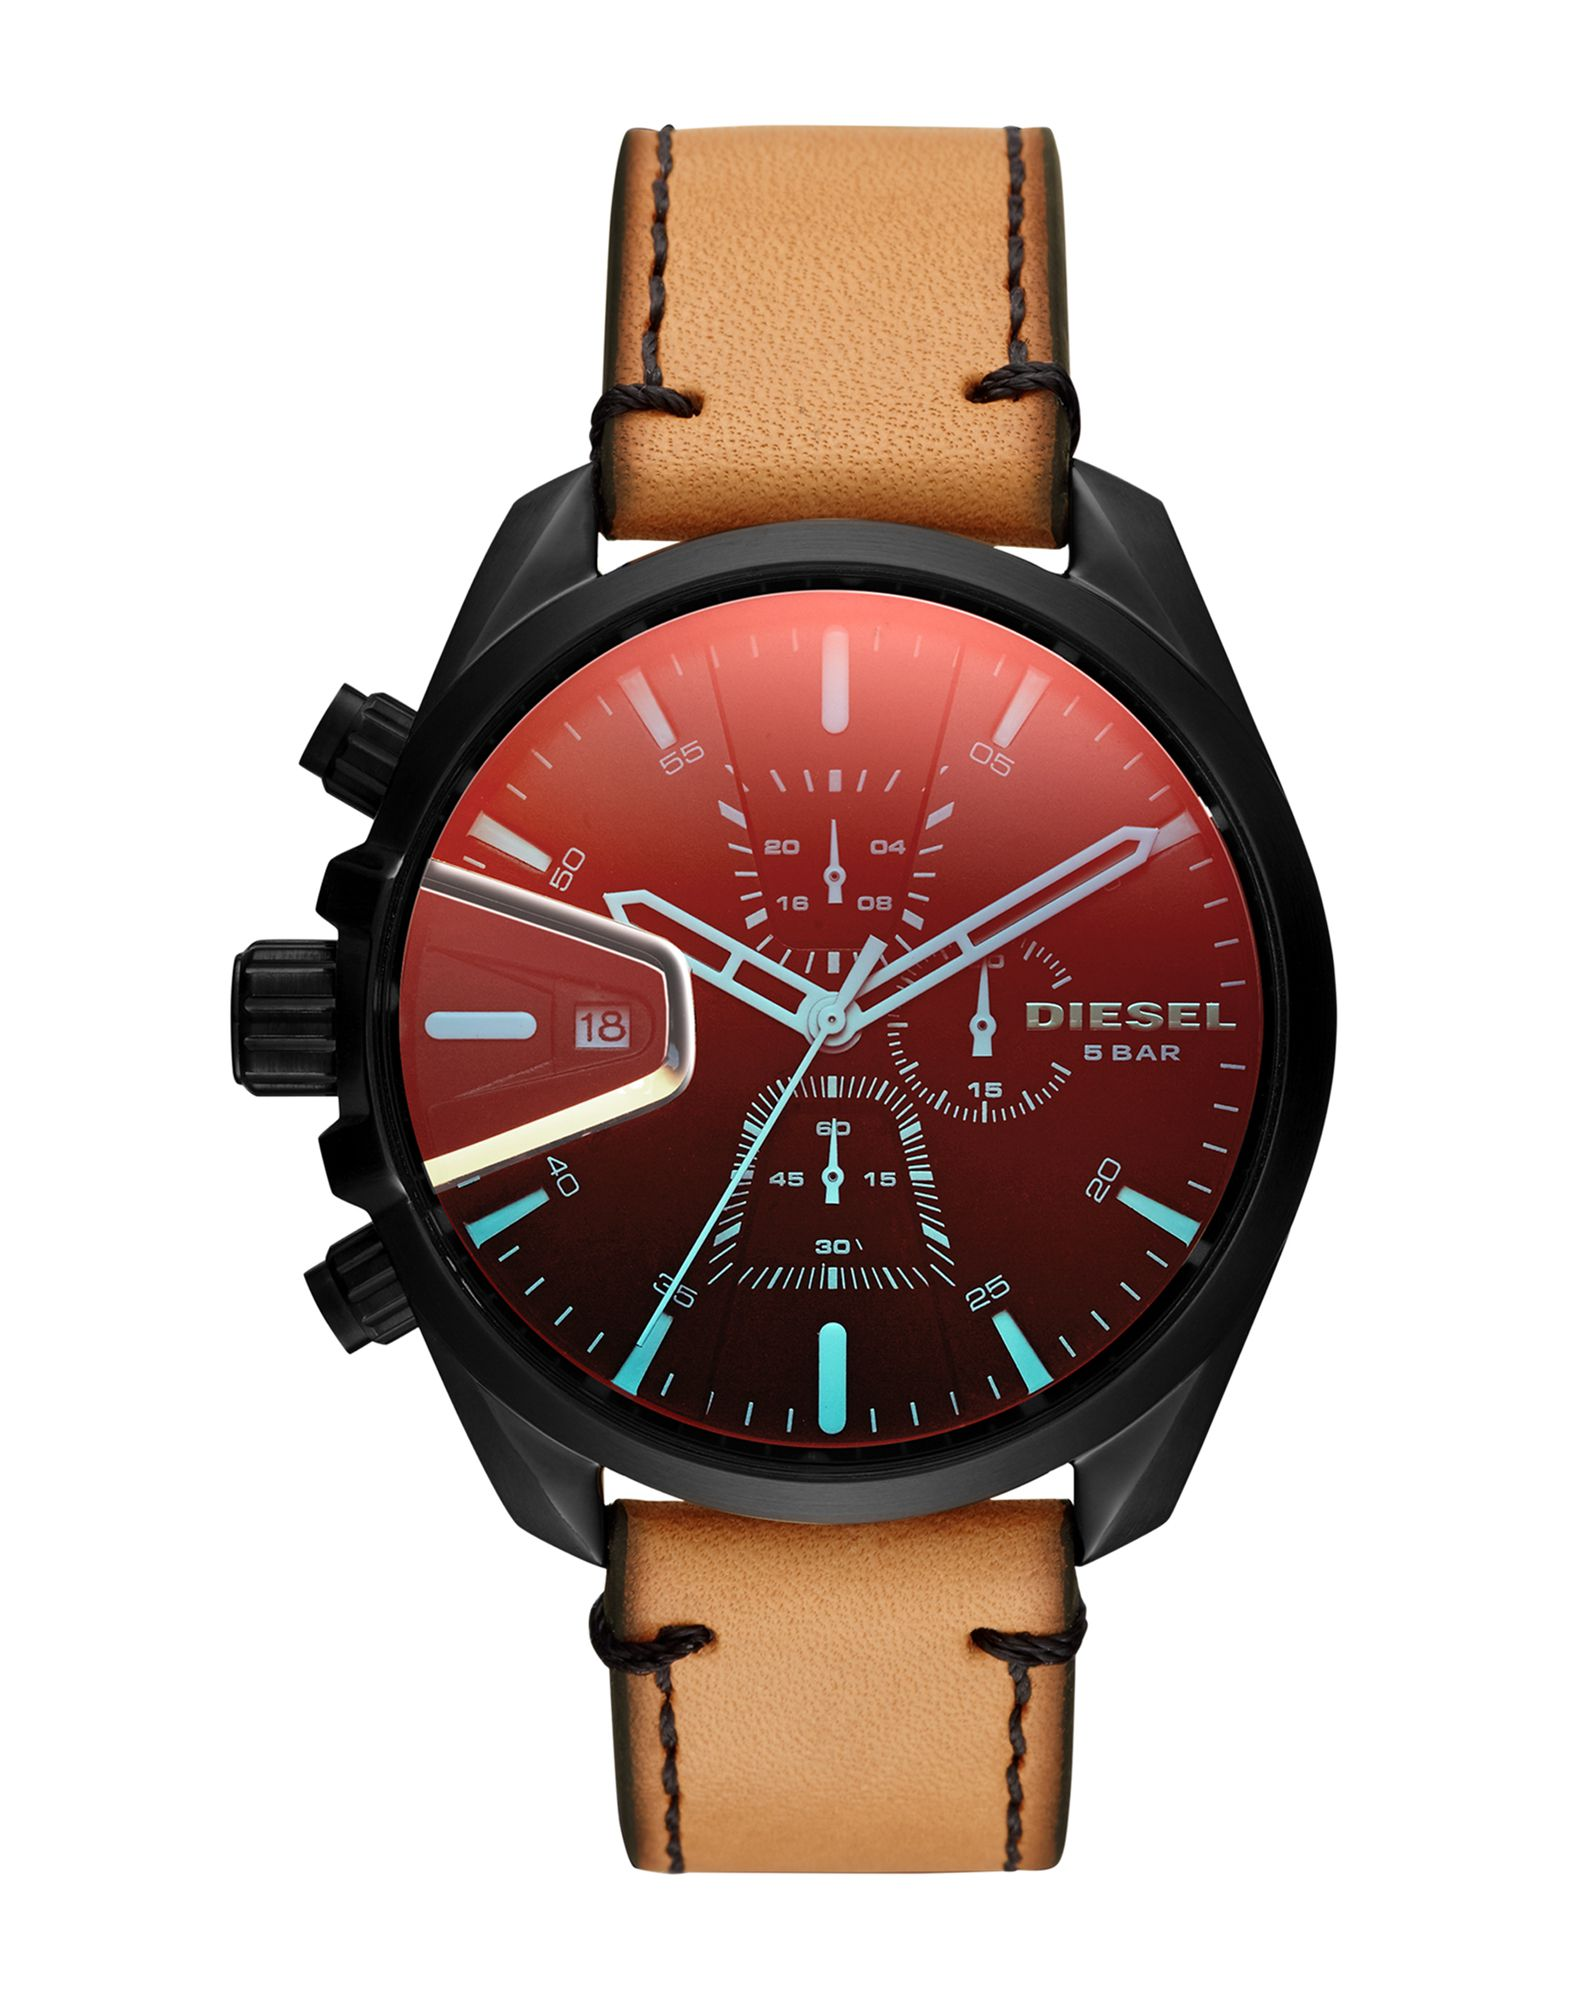 DIESEL Наручные часы часы relogio feminino мужчины ложная крокодил кожа blu ray часынаручные часы